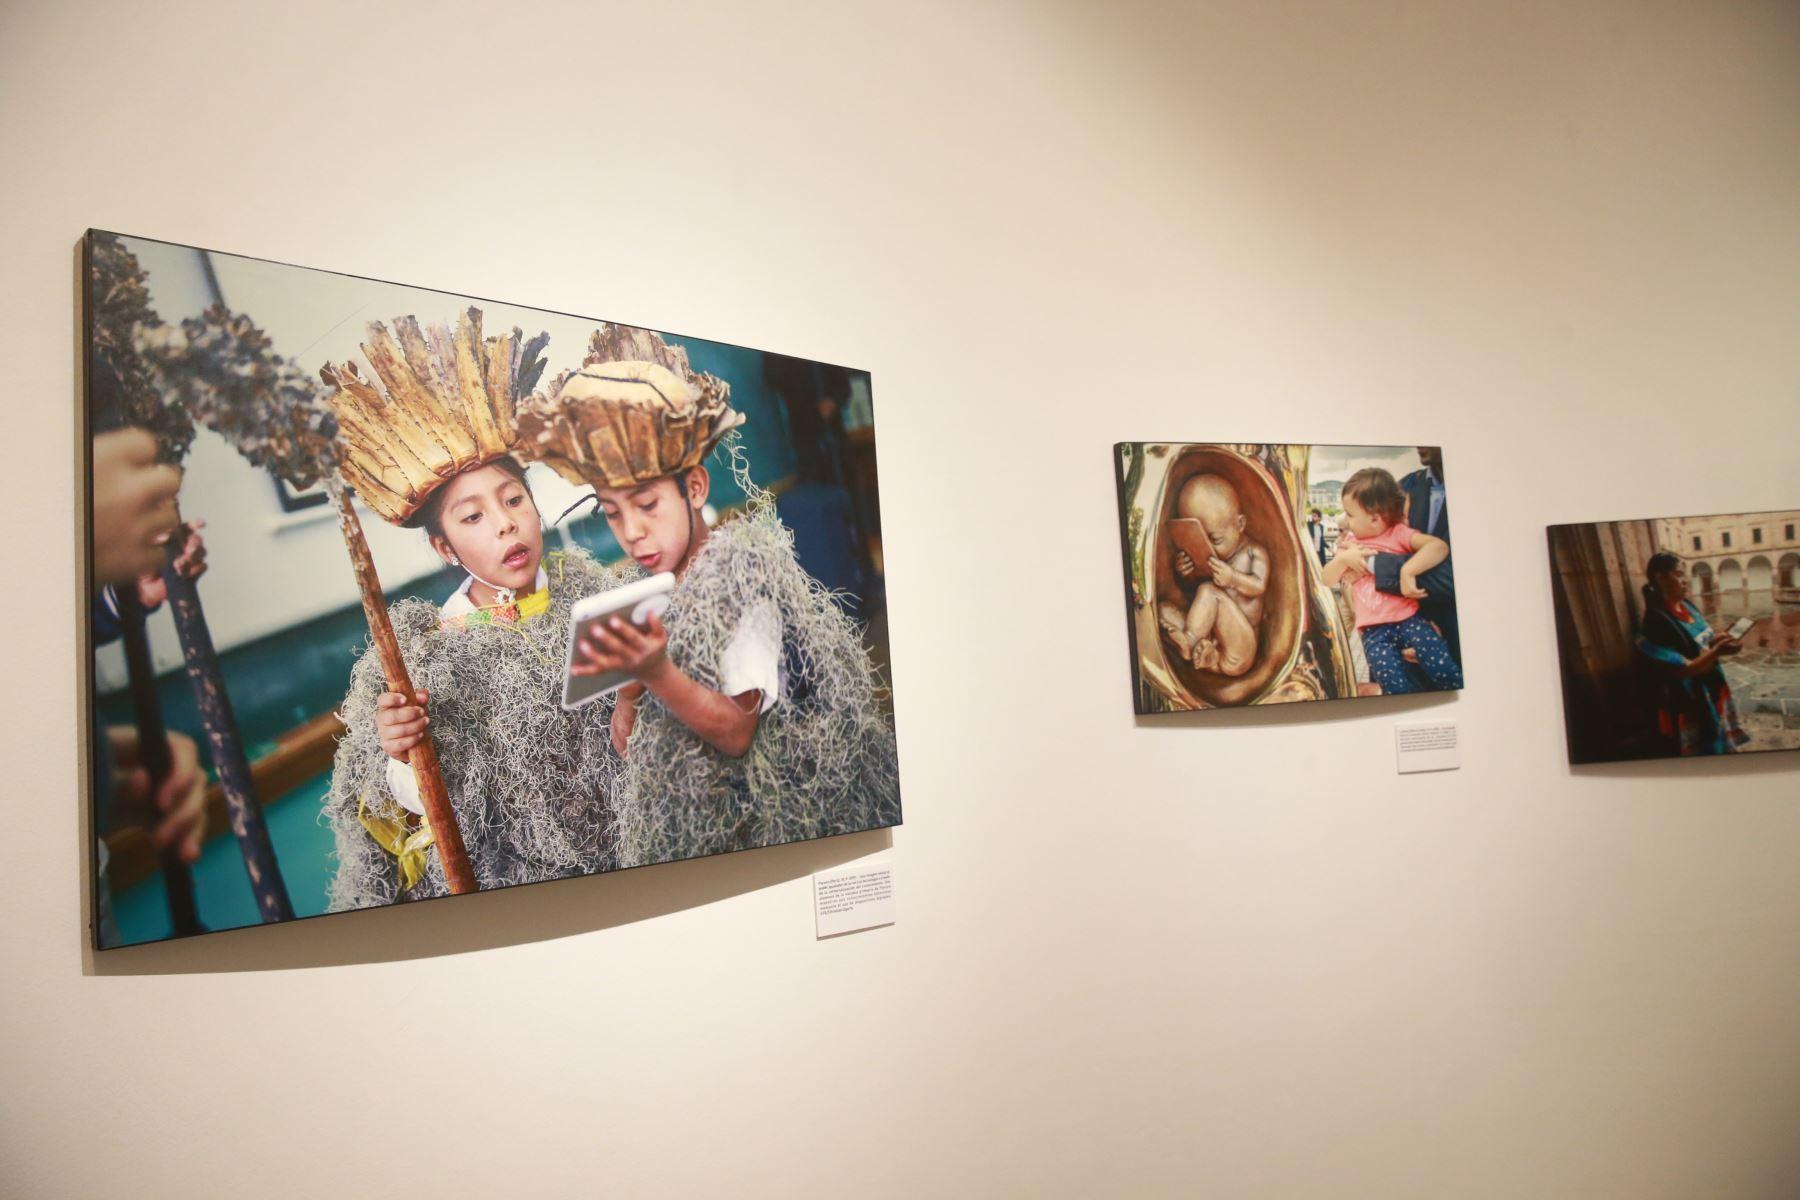 """Exposición fotográfica de la Agencia Internacional EFE y  Telefónica del Perú: """"Como internet ha cambiado el mundo"""", en la la galería El Reducto de Miraflores. Foto: ANDINA/Jhony Laurente"""